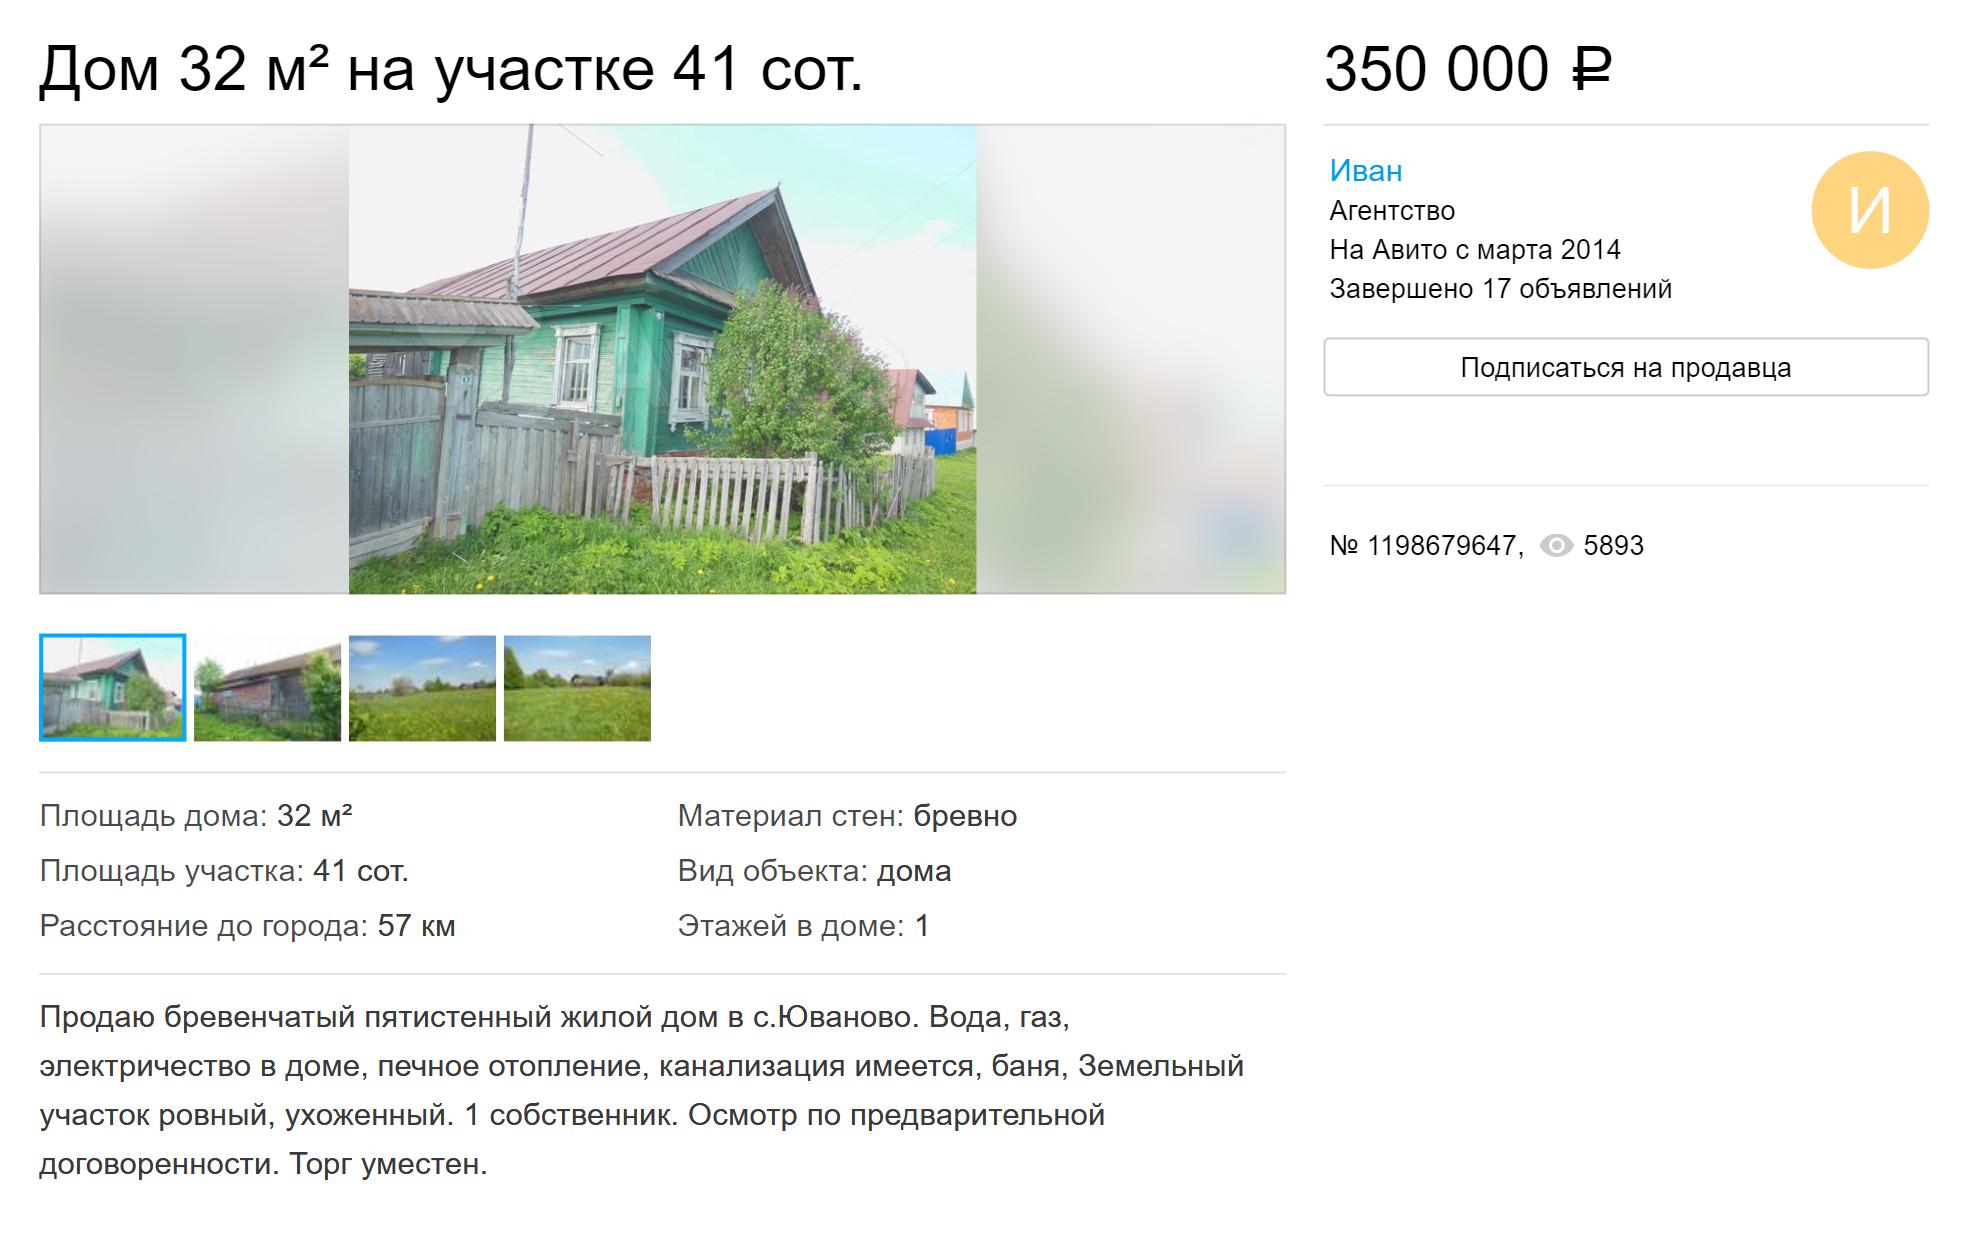 Обычный пятистенный дом с&nbsp;большим участком в&nbsp;деревне в&nbsp;60&nbsp;километрах от&nbsp;Чебоксар можно купить за&nbsp;350&nbsp;000&nbsp;<span class=ruble>Р</span>